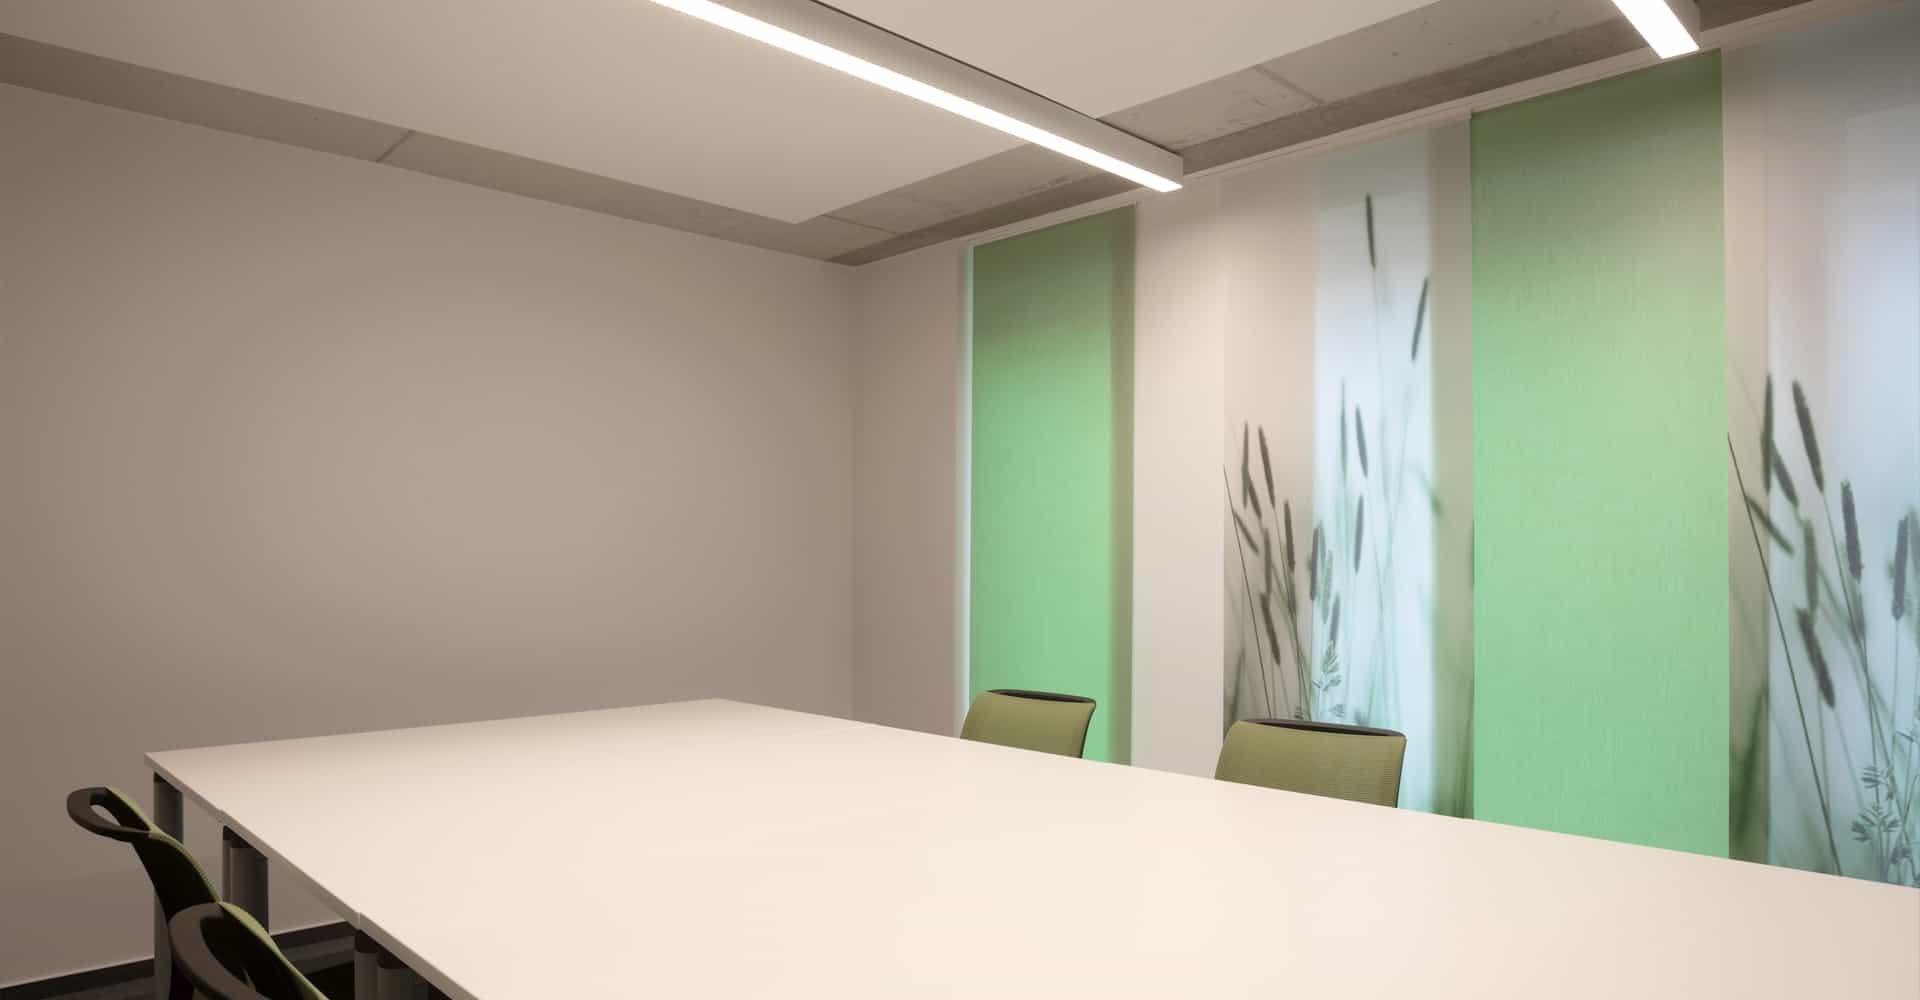 KADUR Gruppe AOK PLUS Filiale Dresden Büro Besprechungsraum